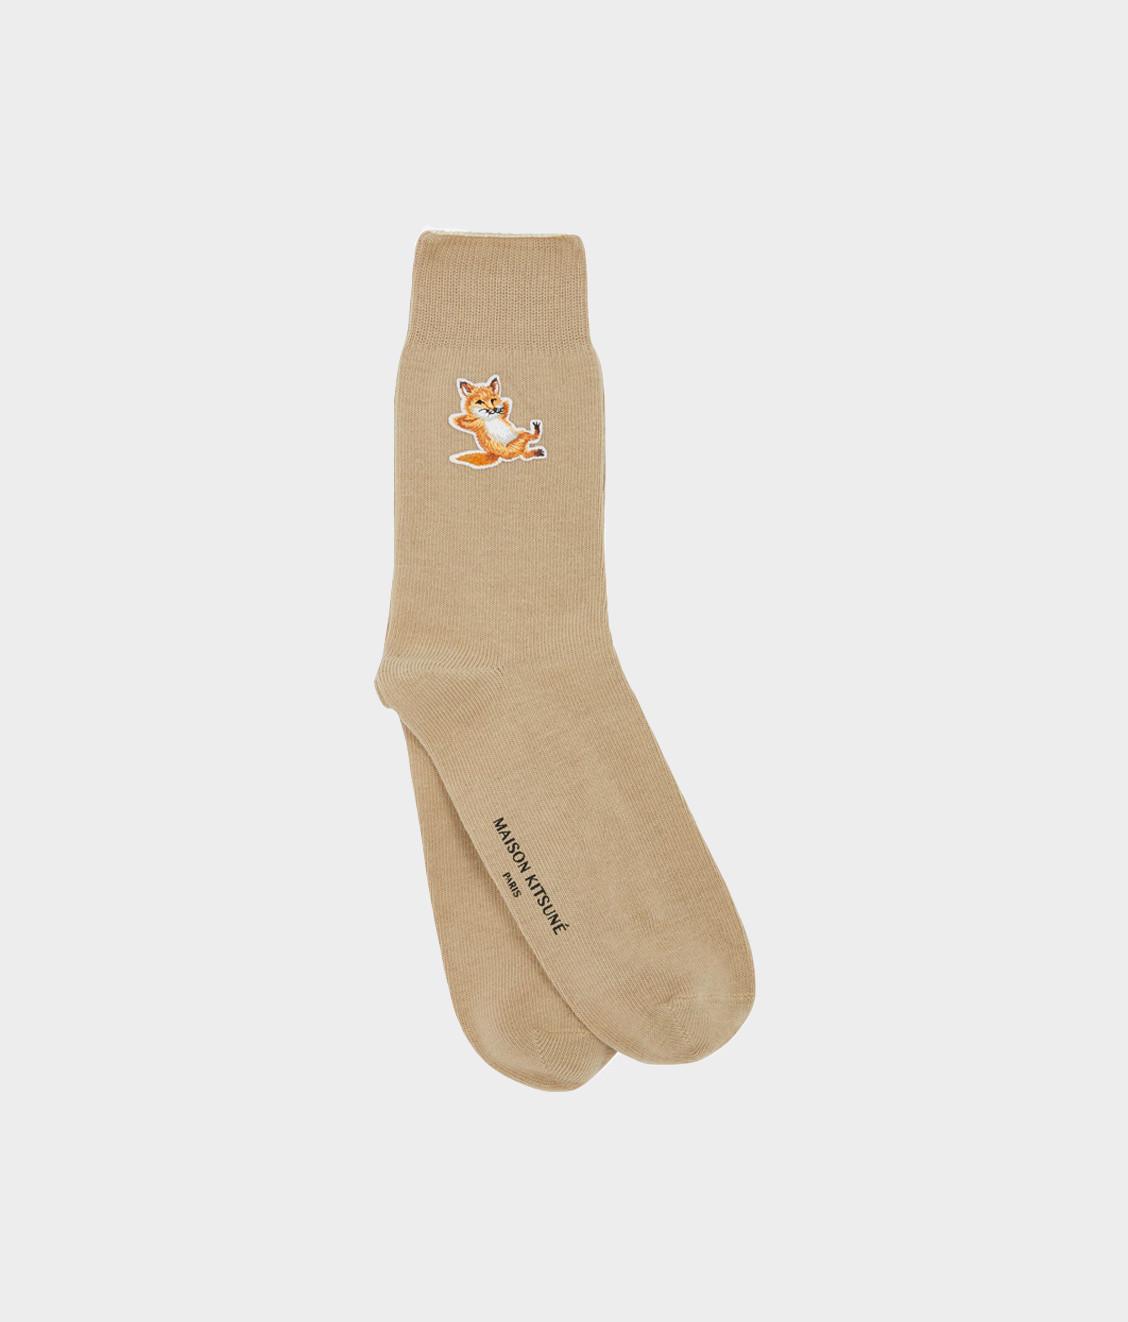 Maison Kitsune Maison Kitsune Chillax Fox Patch Socks Beige